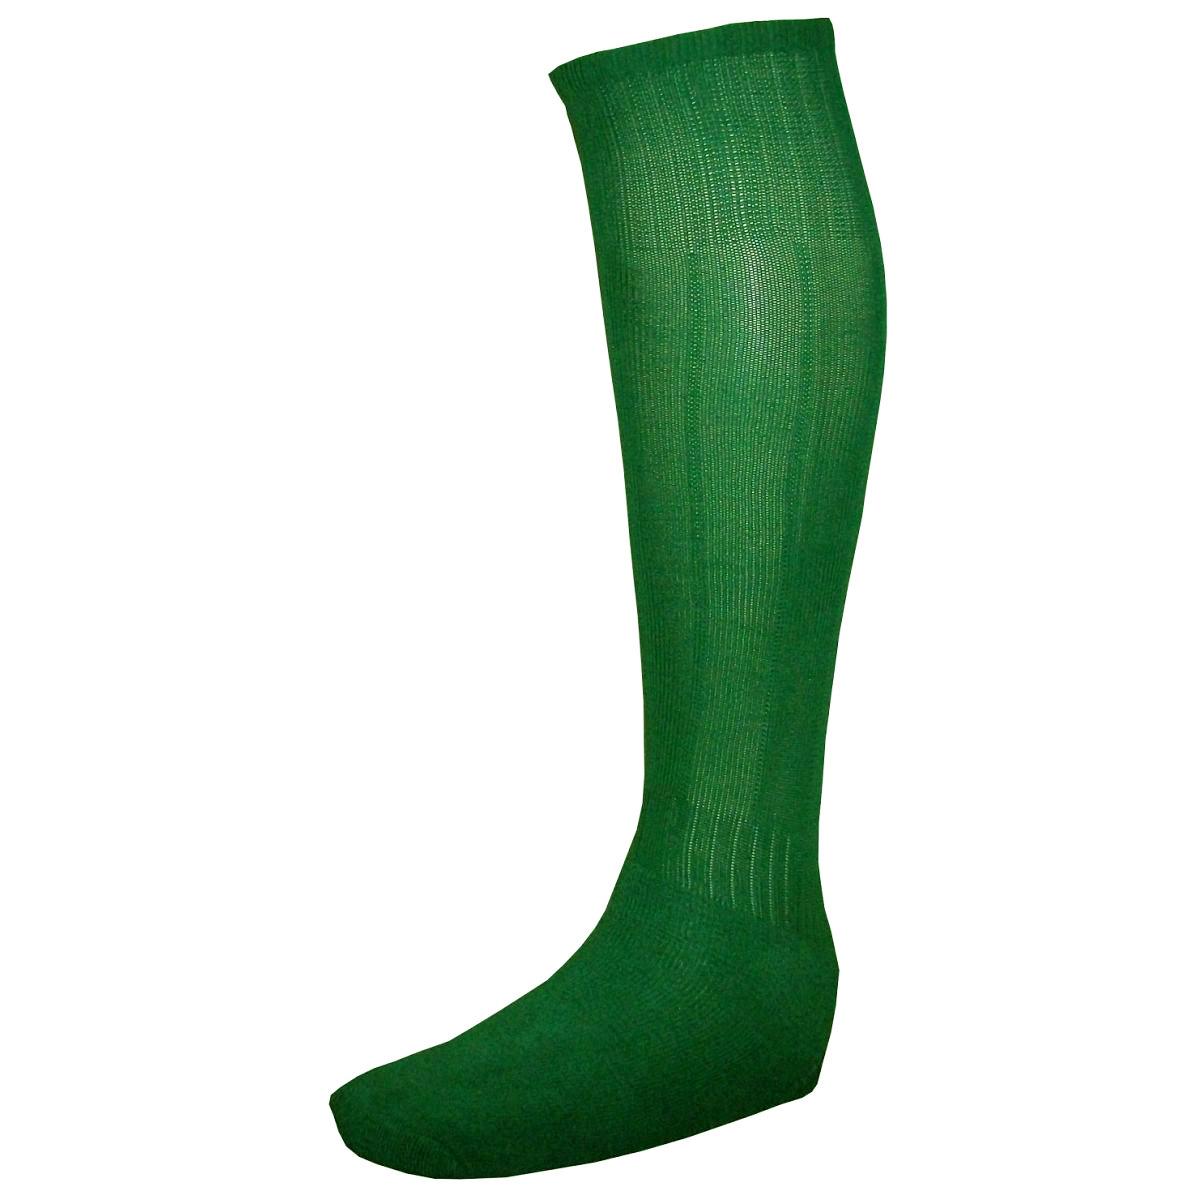 Fardamento Completo modelo Bélgica 20+1 (20 camisas Verde/Branco + 20 calções modelo Madrid Verde + 20 pares de meiões Verde + 1 conjunto de goleiro) + Brindes